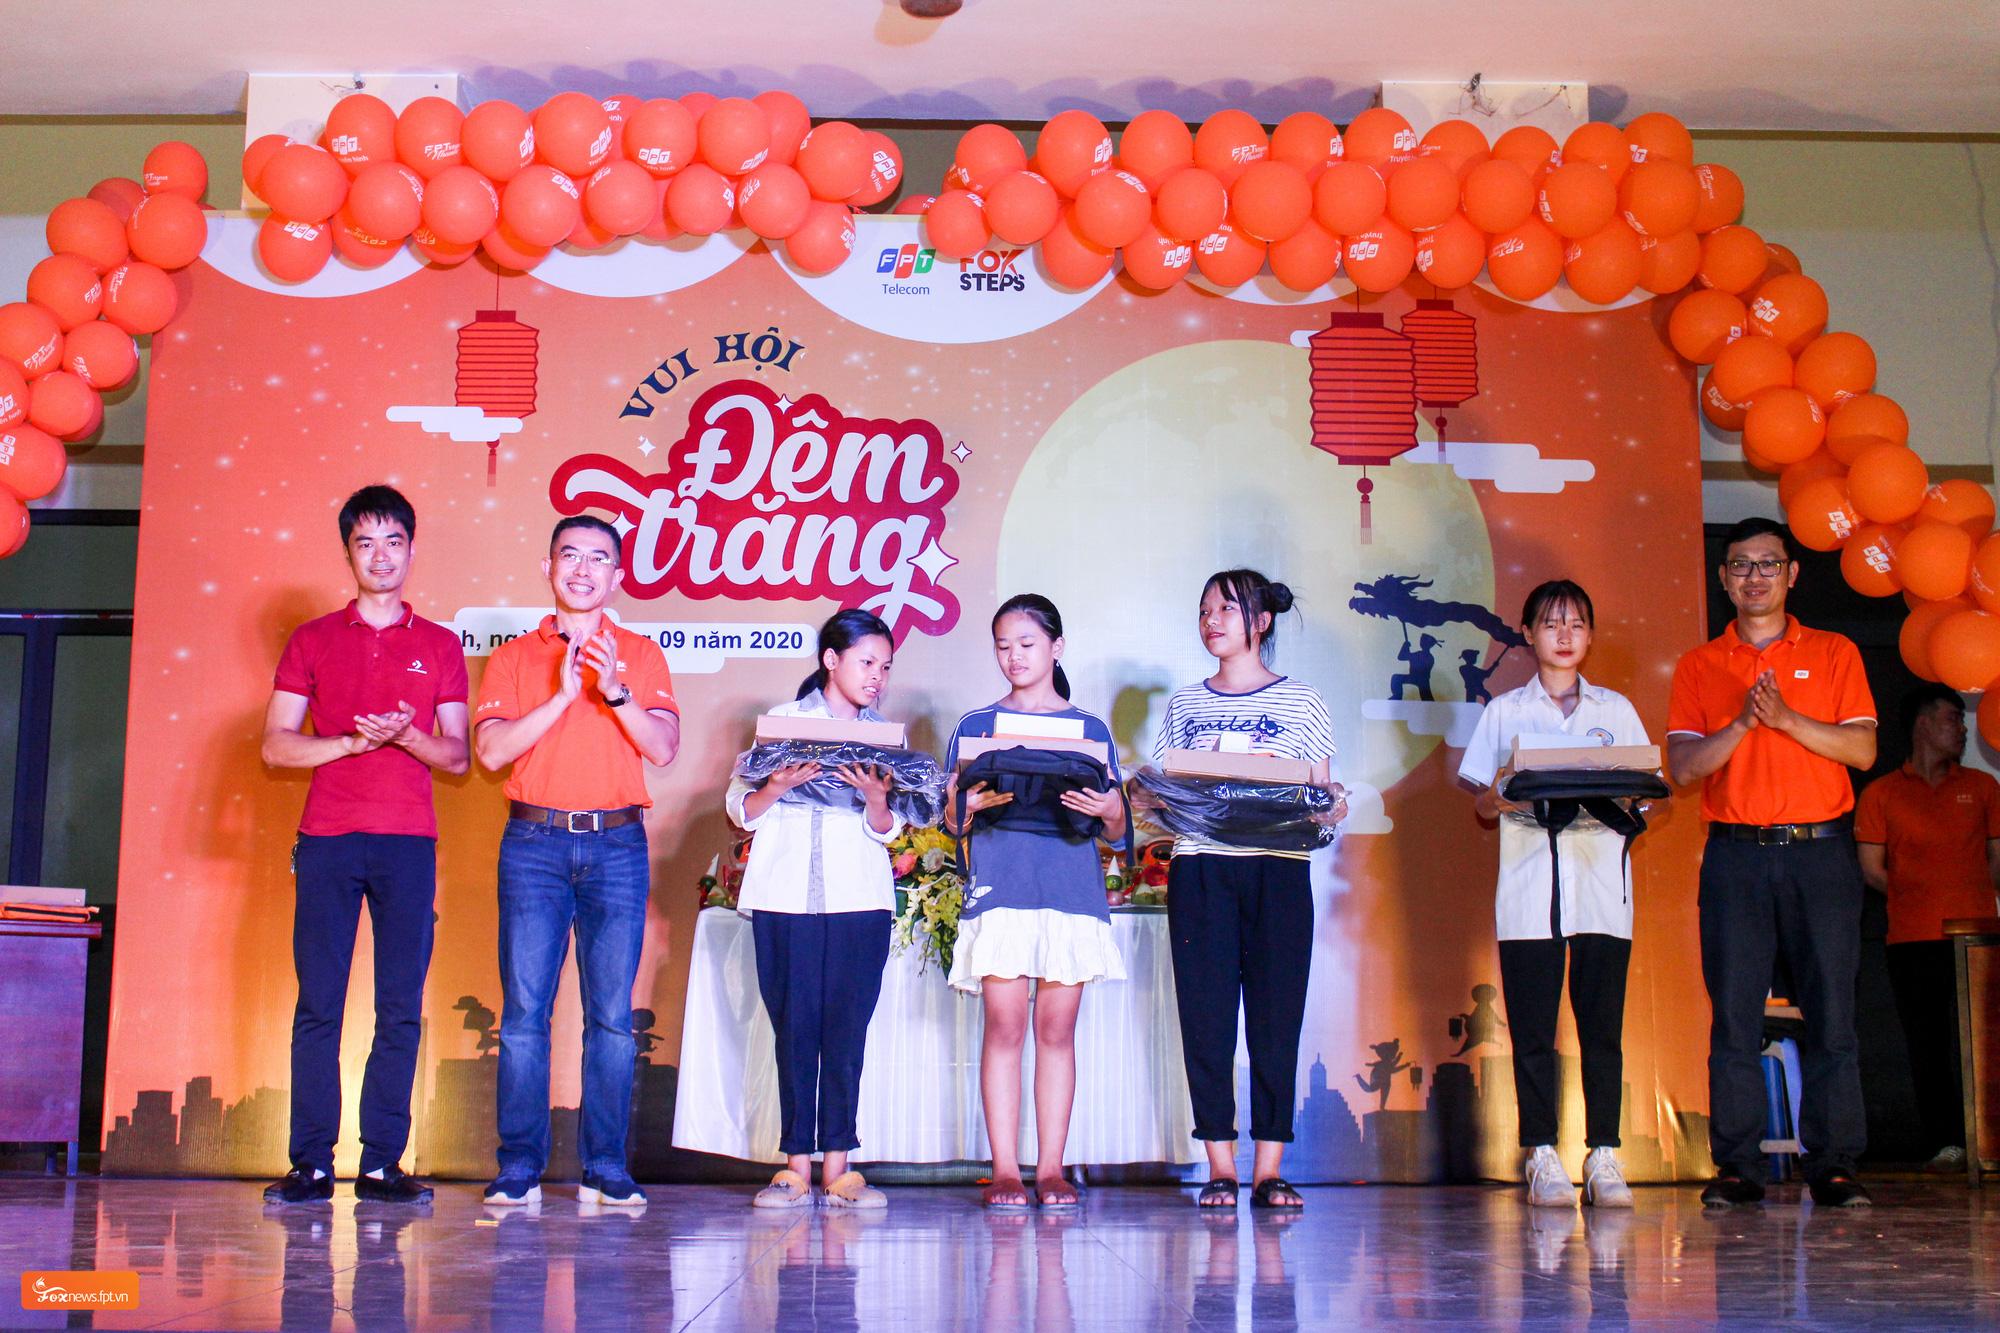 FPT Telecom tổ chức vui Tết Trung thu cho trẻ em tại sân chơi FoxSteps 59 tỉnh thành  - Ảnh 3.